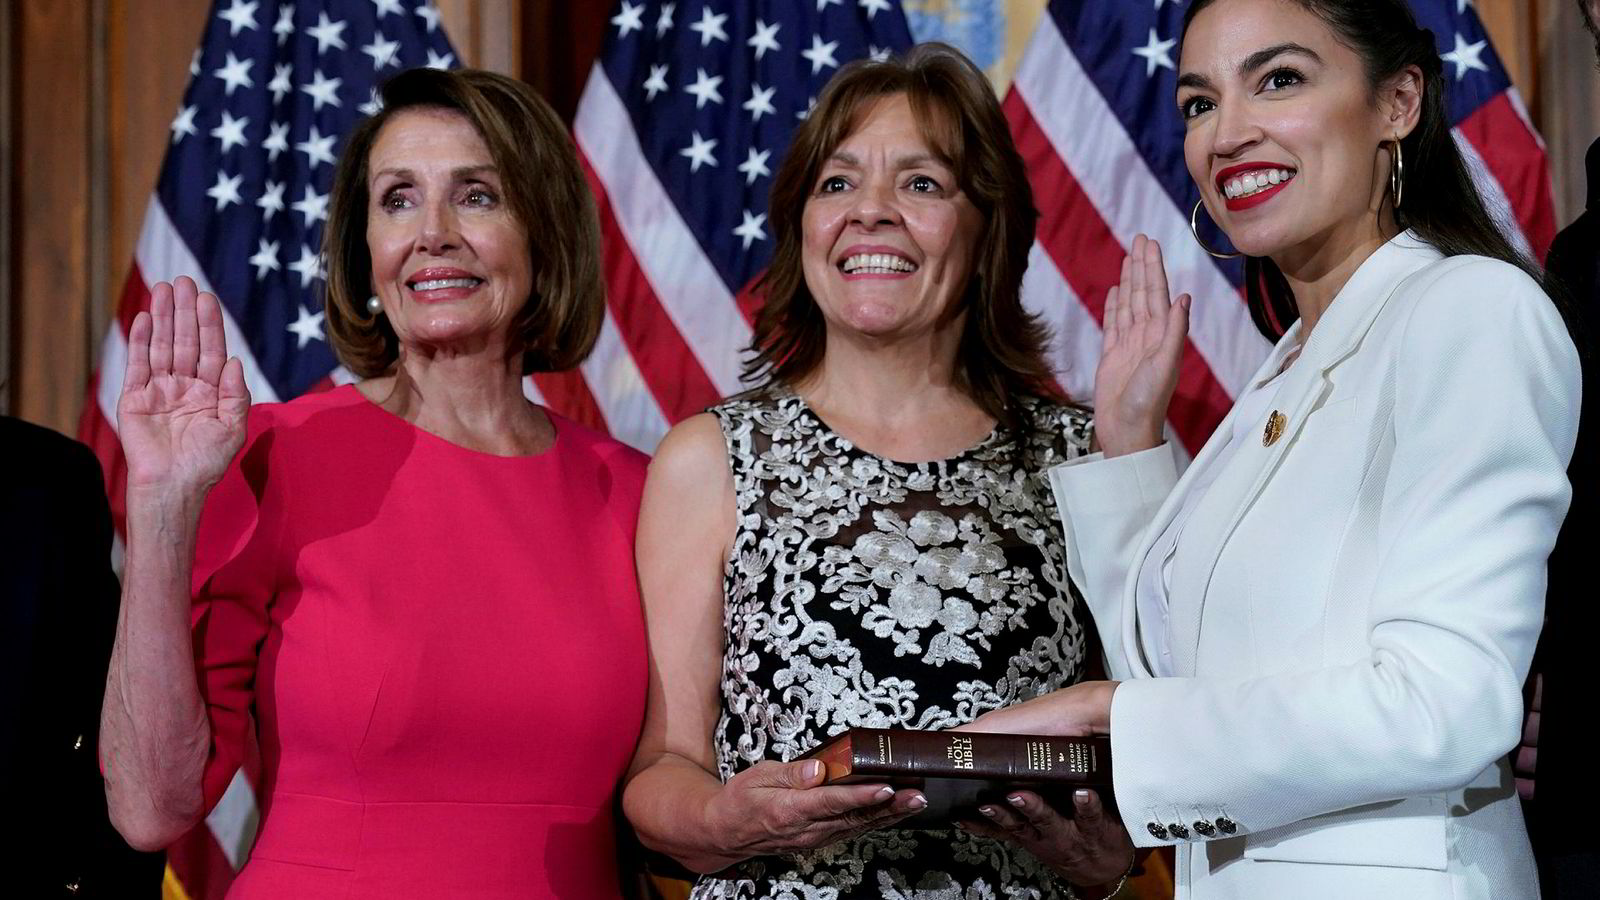 Demokratenes veteran Nancy Pelosi (til venstre) er i konflikt med nykomlingen Alexandria Ocasio-Cortez (til høyre).